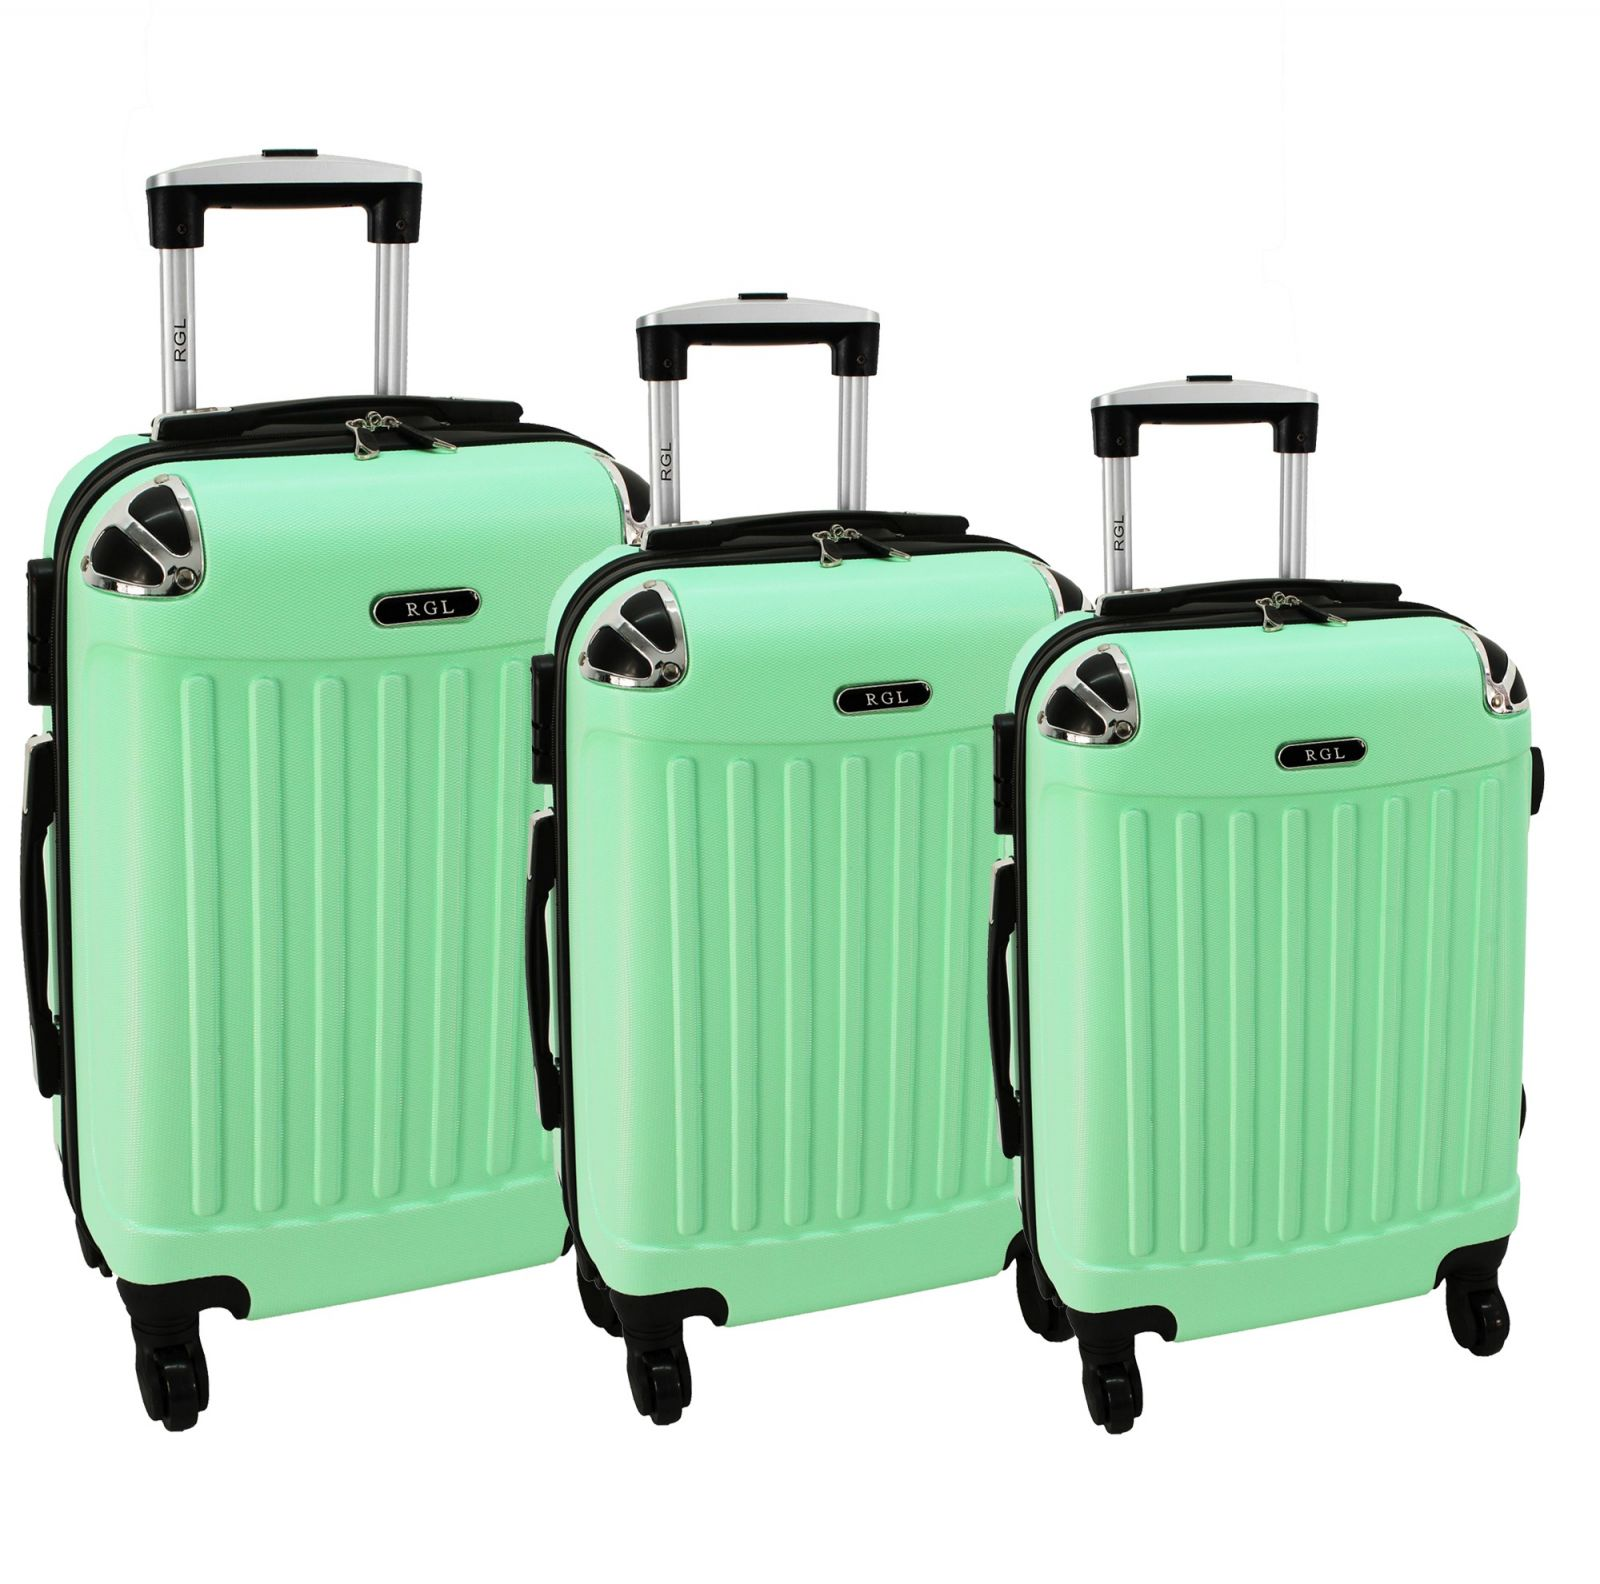 Cestovní kufry sada RGL 735 ABS LIGHT MENTOL L,M,S